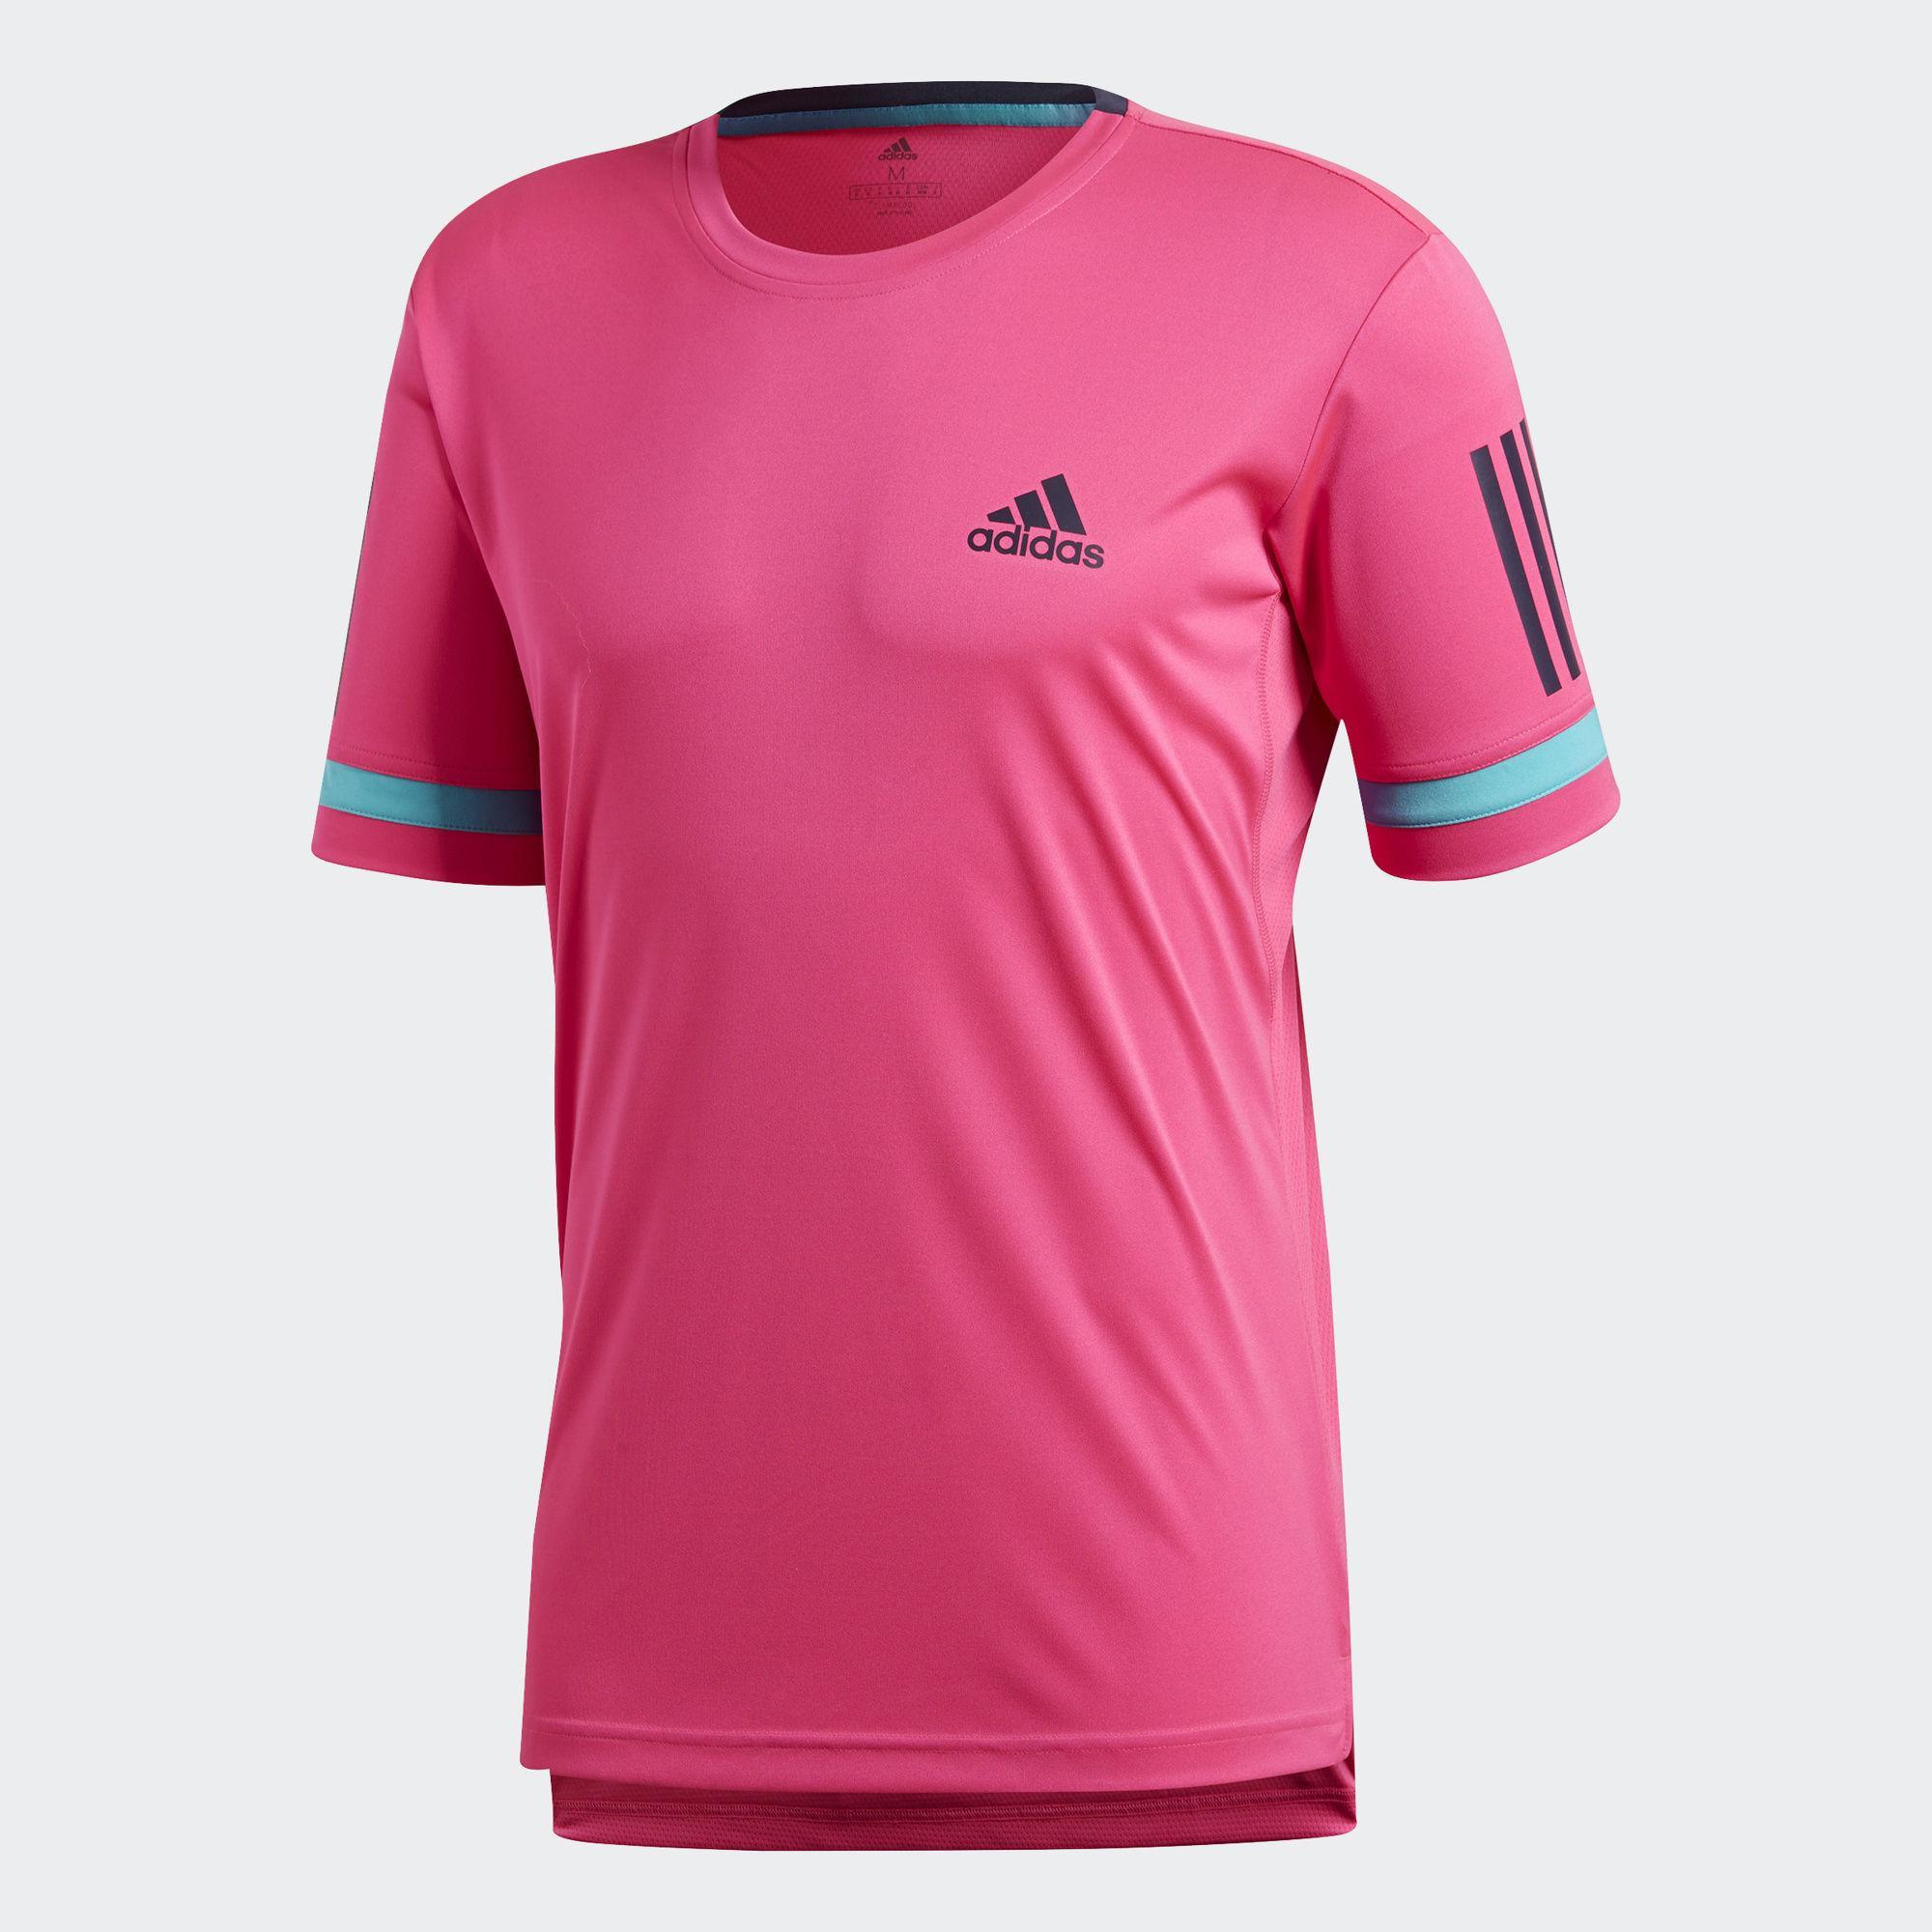 Adidas Mens 3 Stripes Club Tee Shock Pink